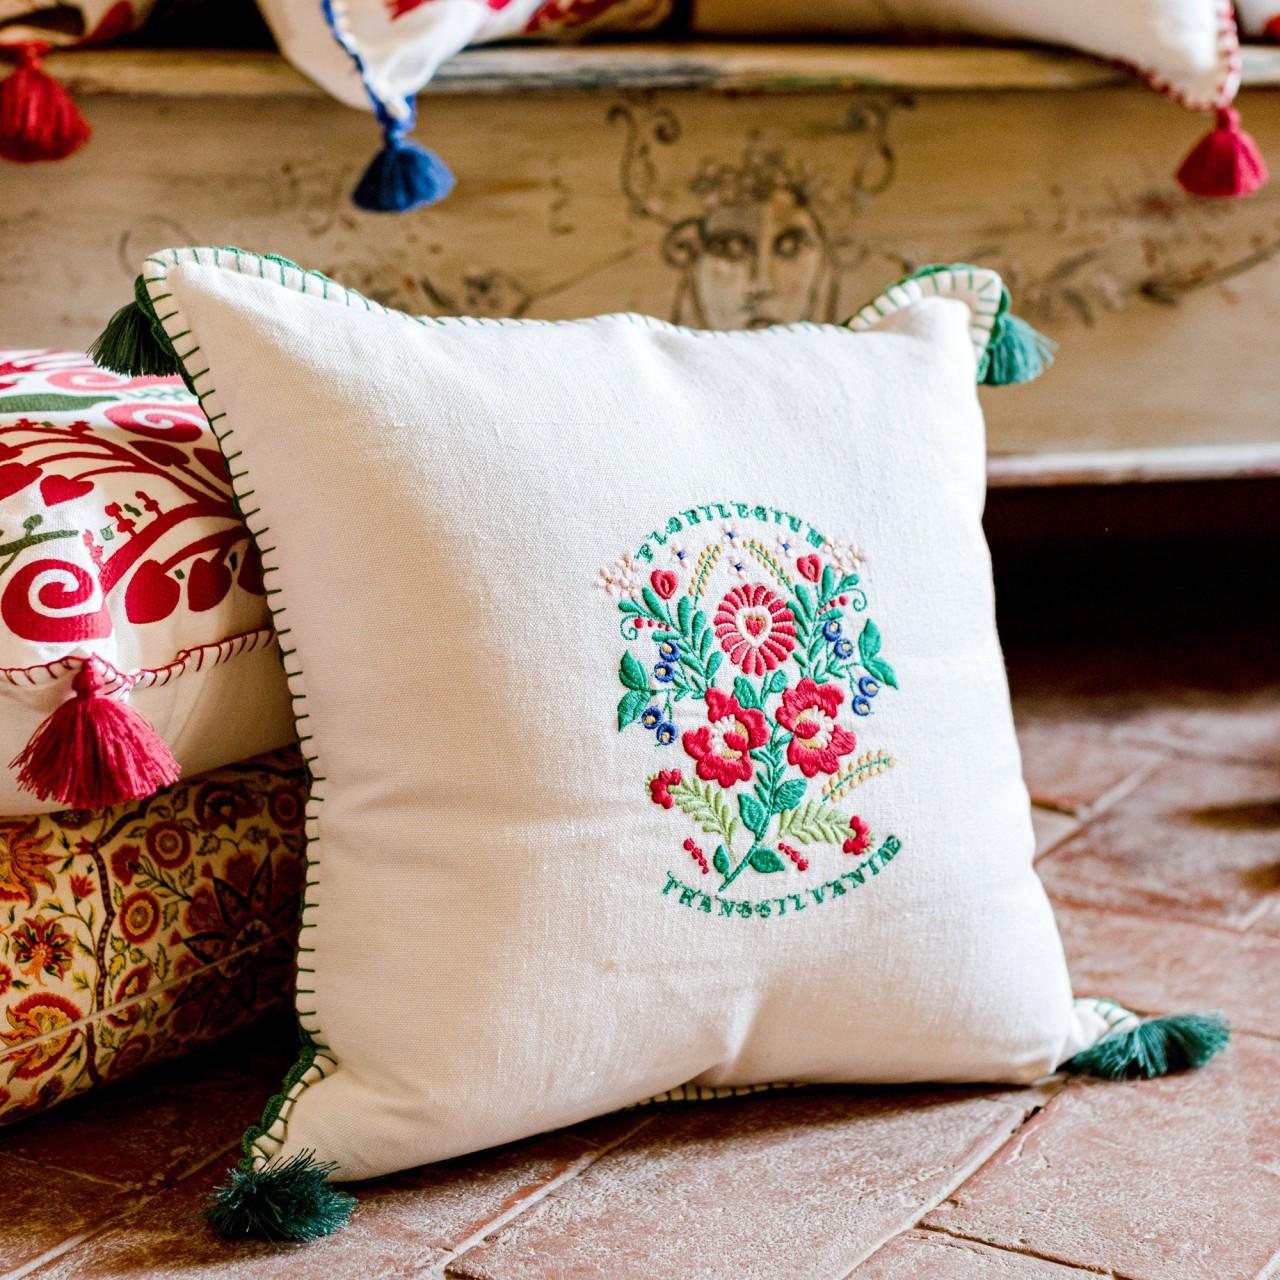 TRANSSILVANIAE FLORILEGIUM Linen Embroidered Cushion